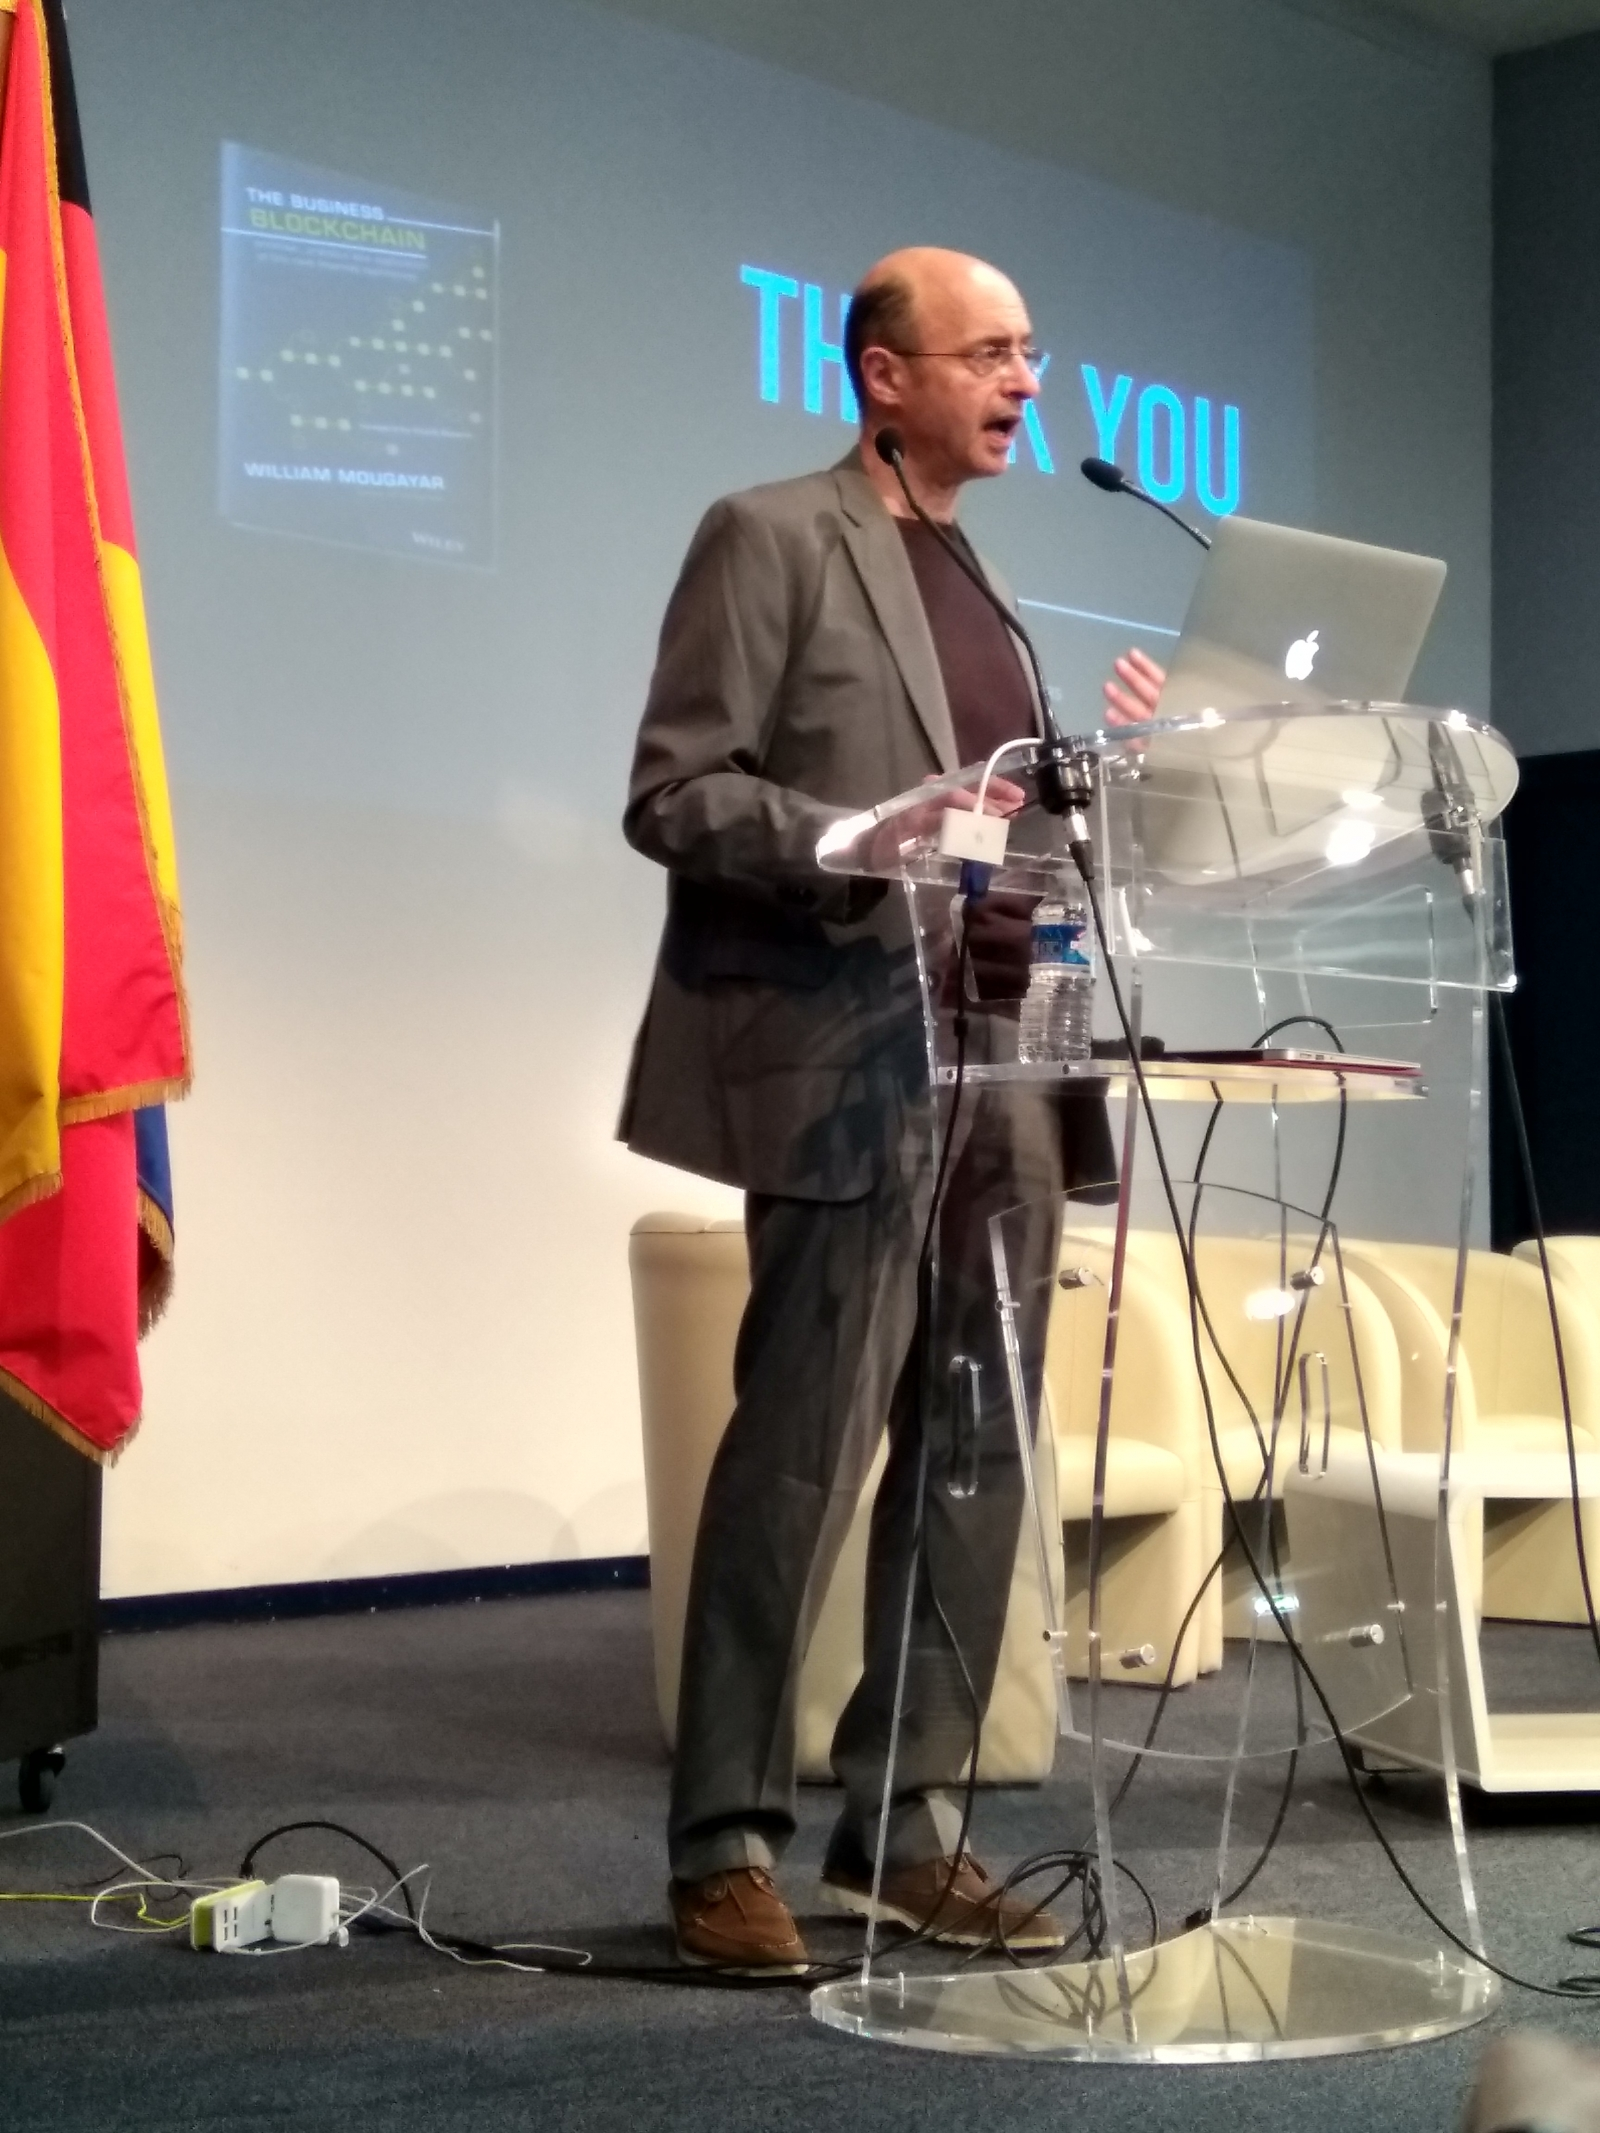 William Mougayar onstage at EDCON, Paris